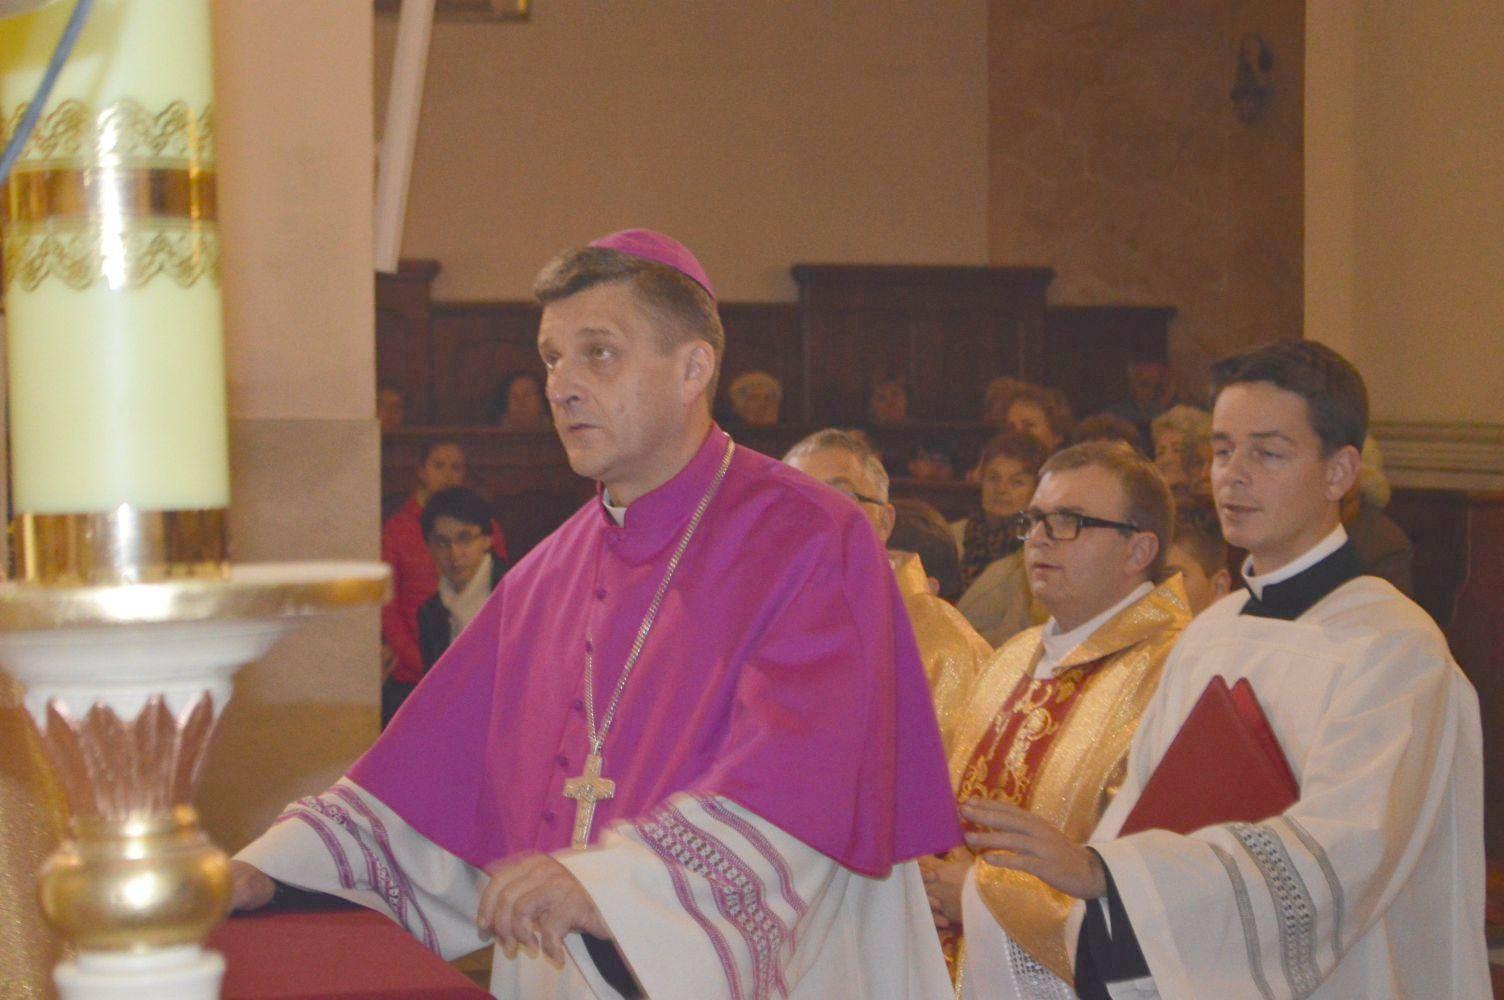 Diecezja bielsko-żywiecka dała wykładnię w sprawie uroczystości w kościołach